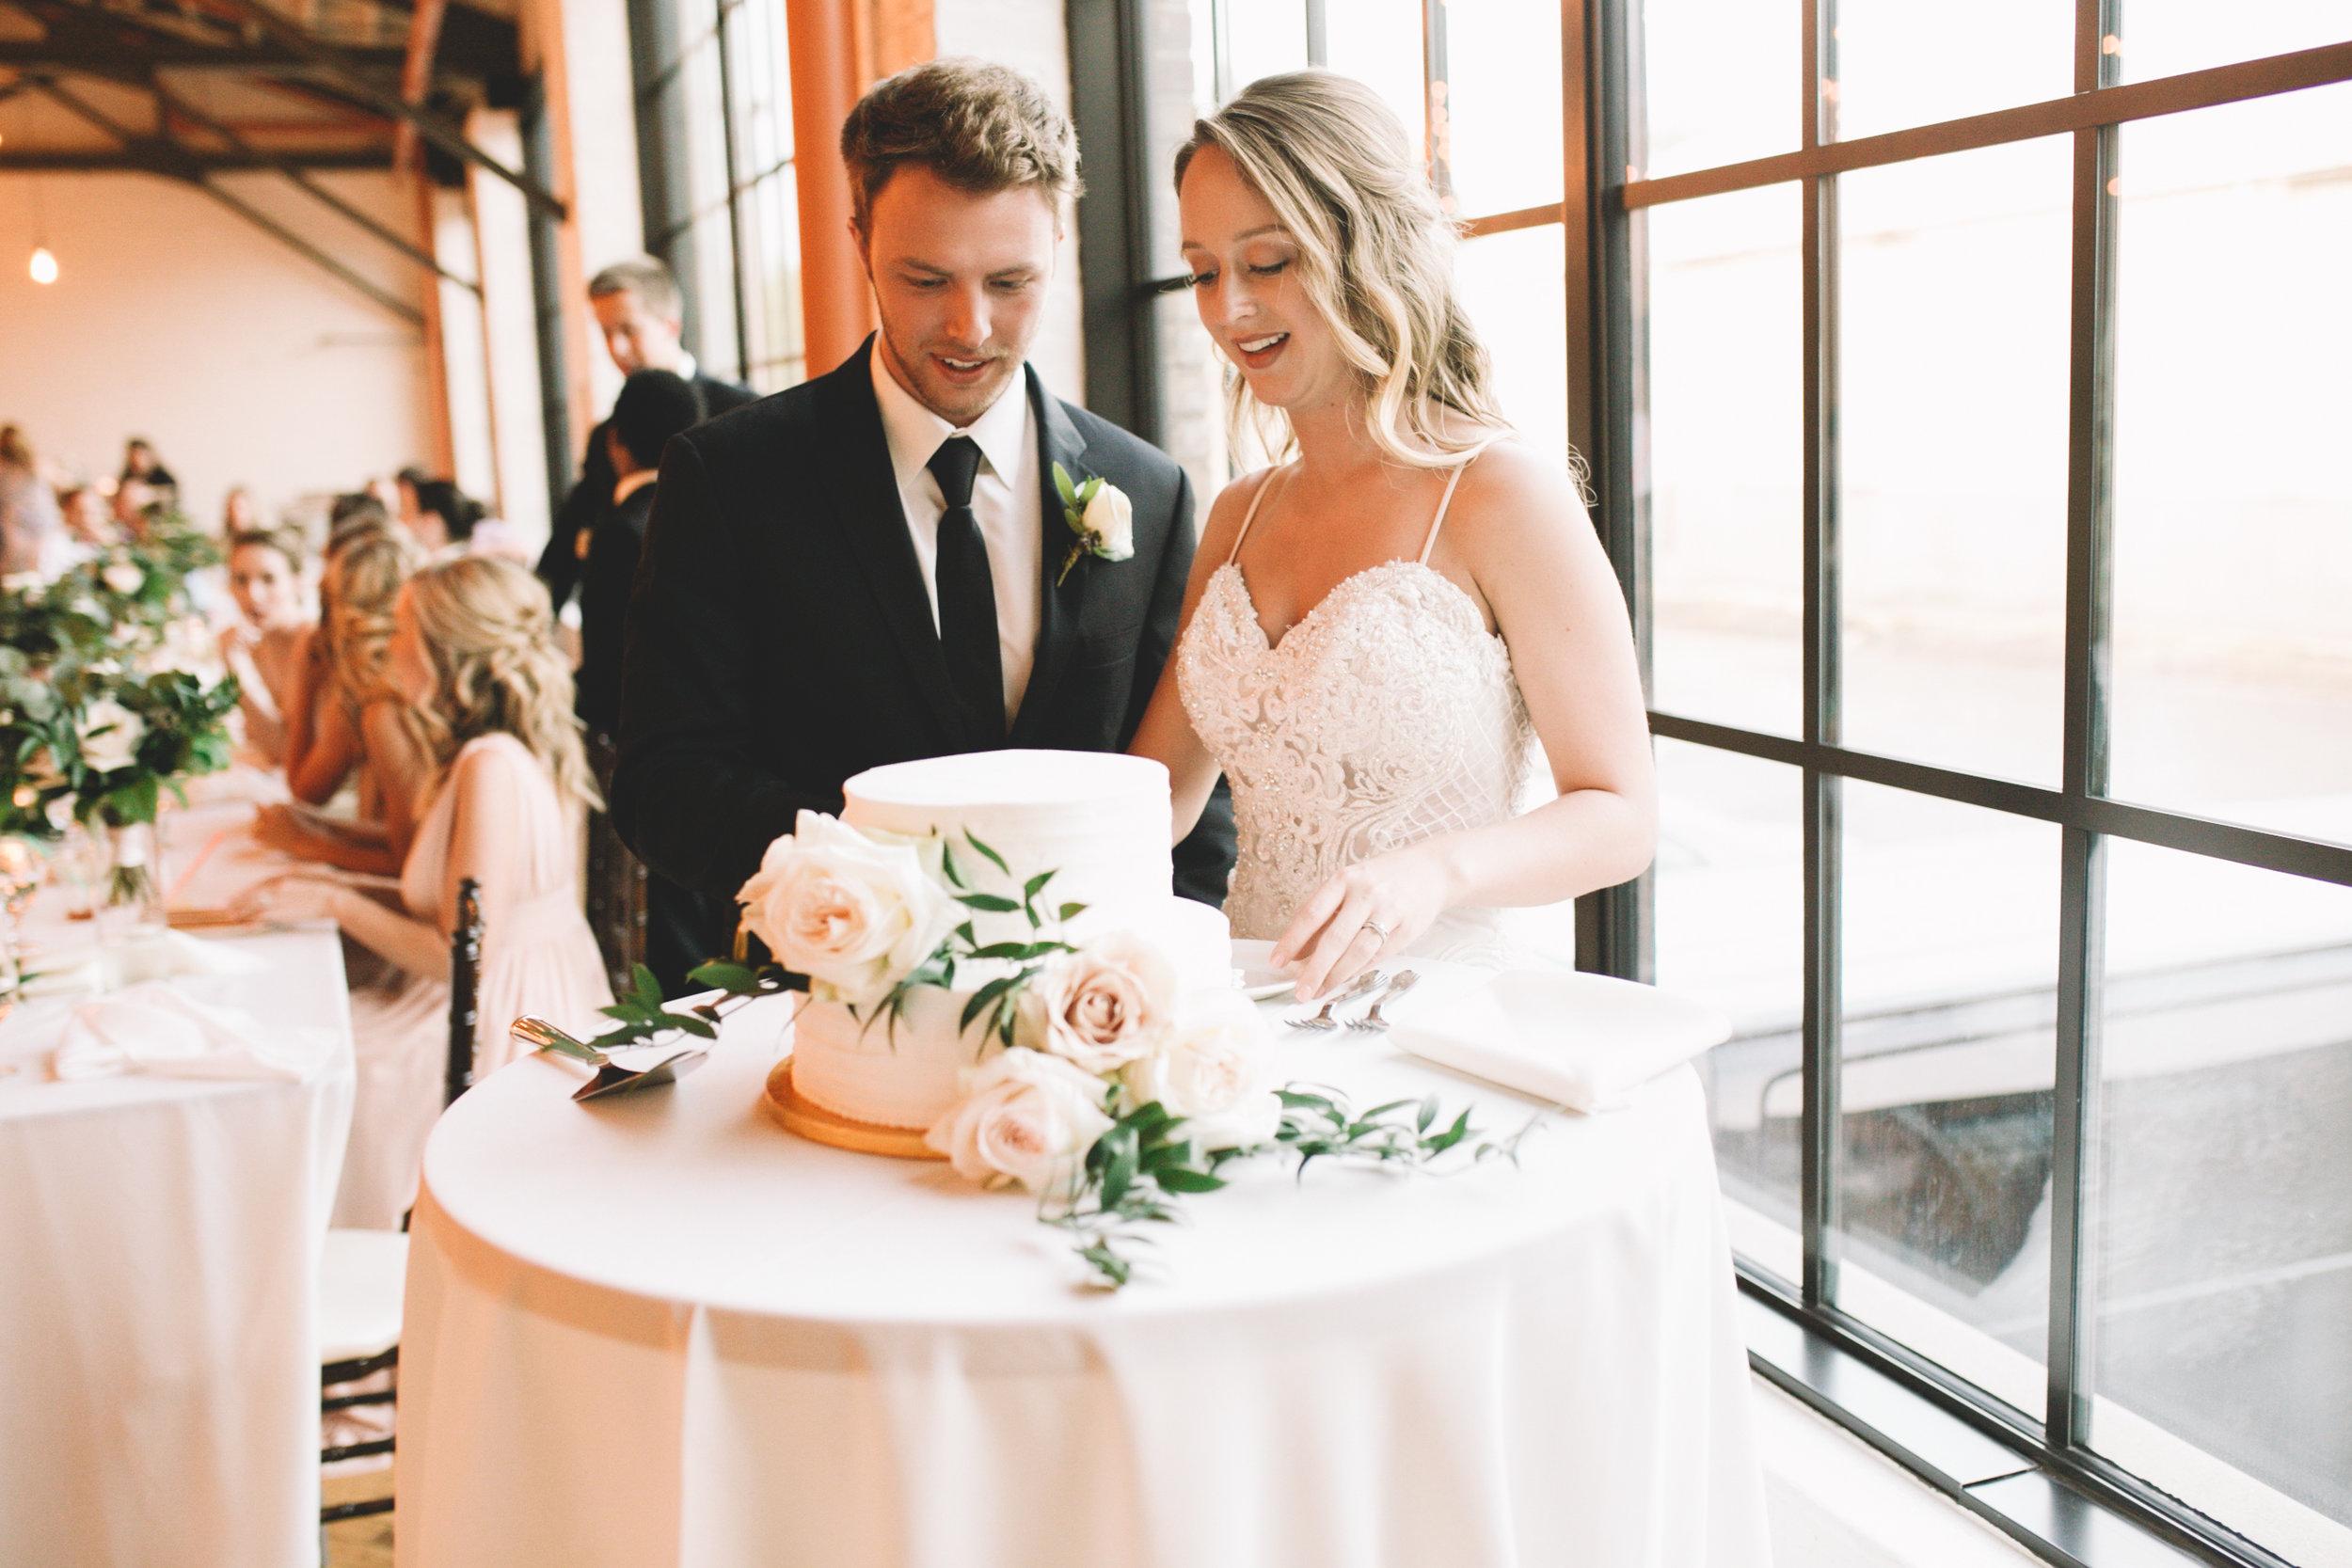 Mitch + Elizabeth The Pointe Wedding Louisville KY  (787 of 1023).jpg